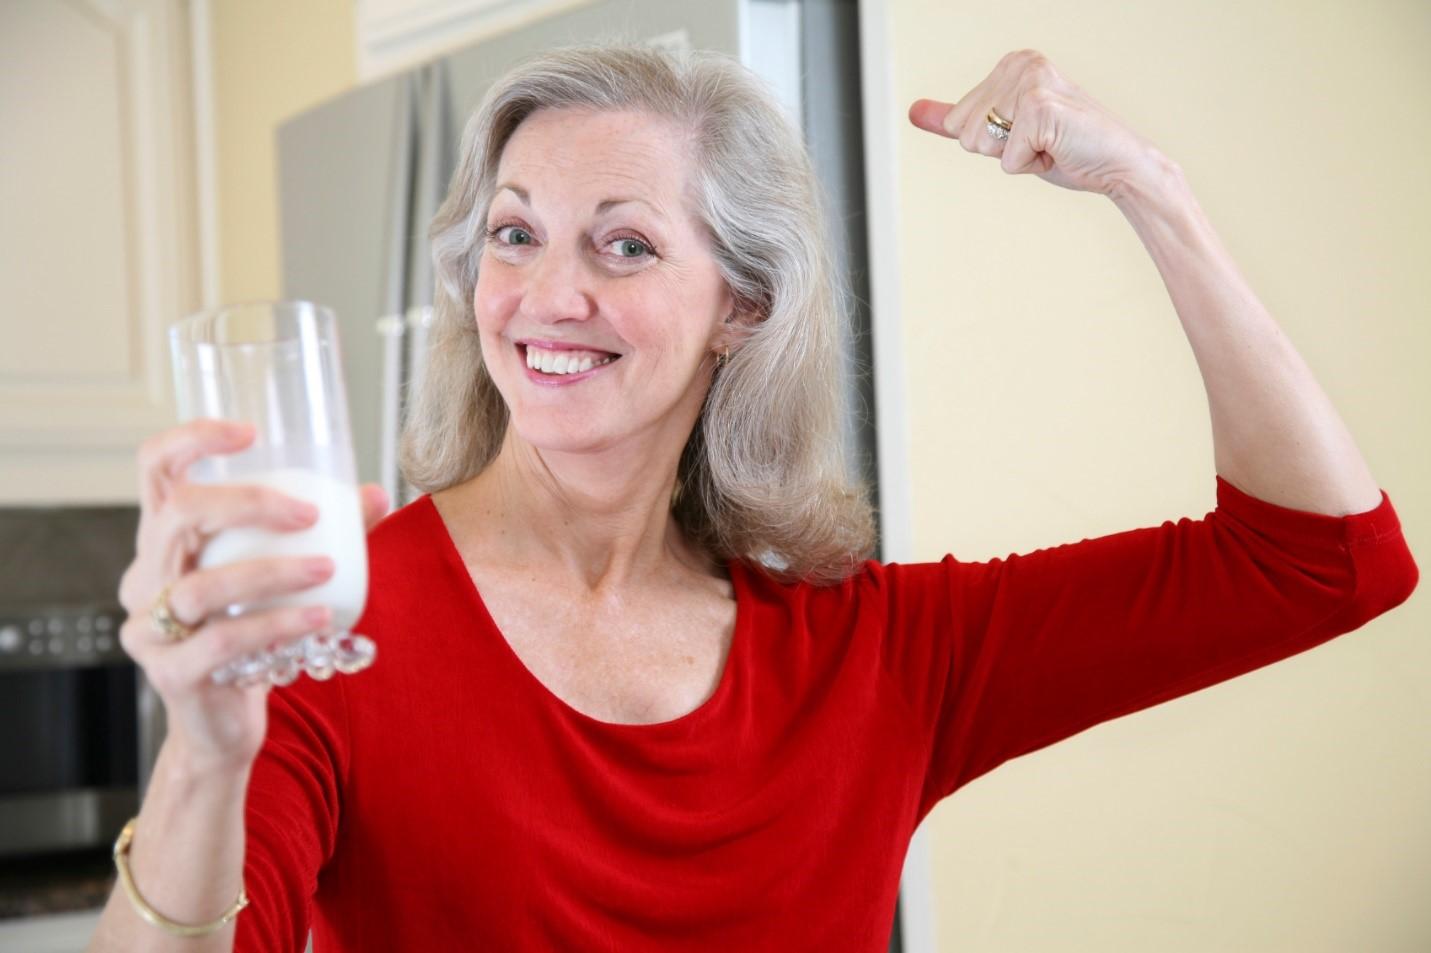 Benarkah Susu Bisa Menjaga Kepadatan Tulang